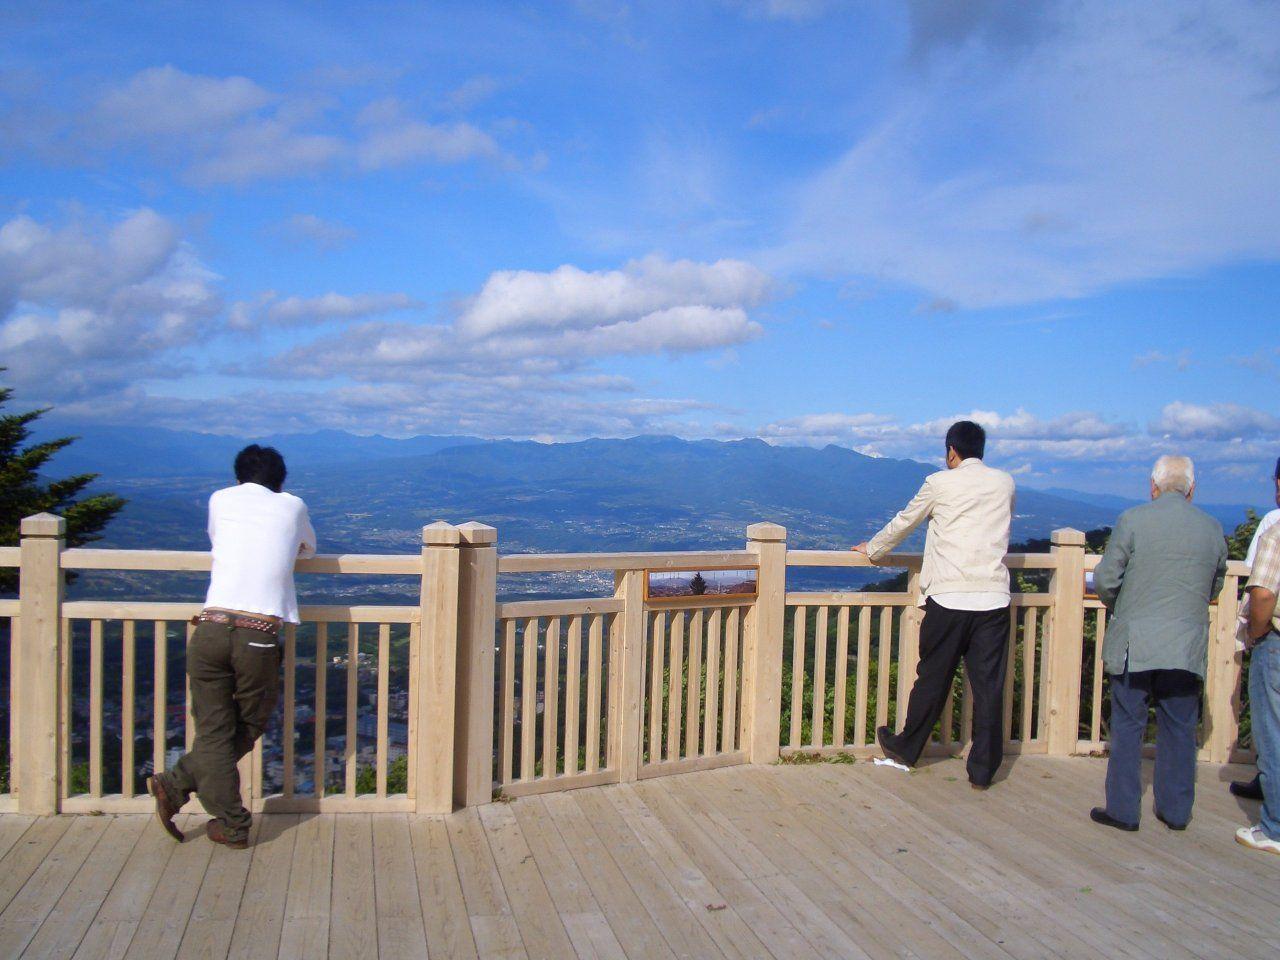 絶景を楽しみたいなら「高根展望台」からの展望もオススメ!